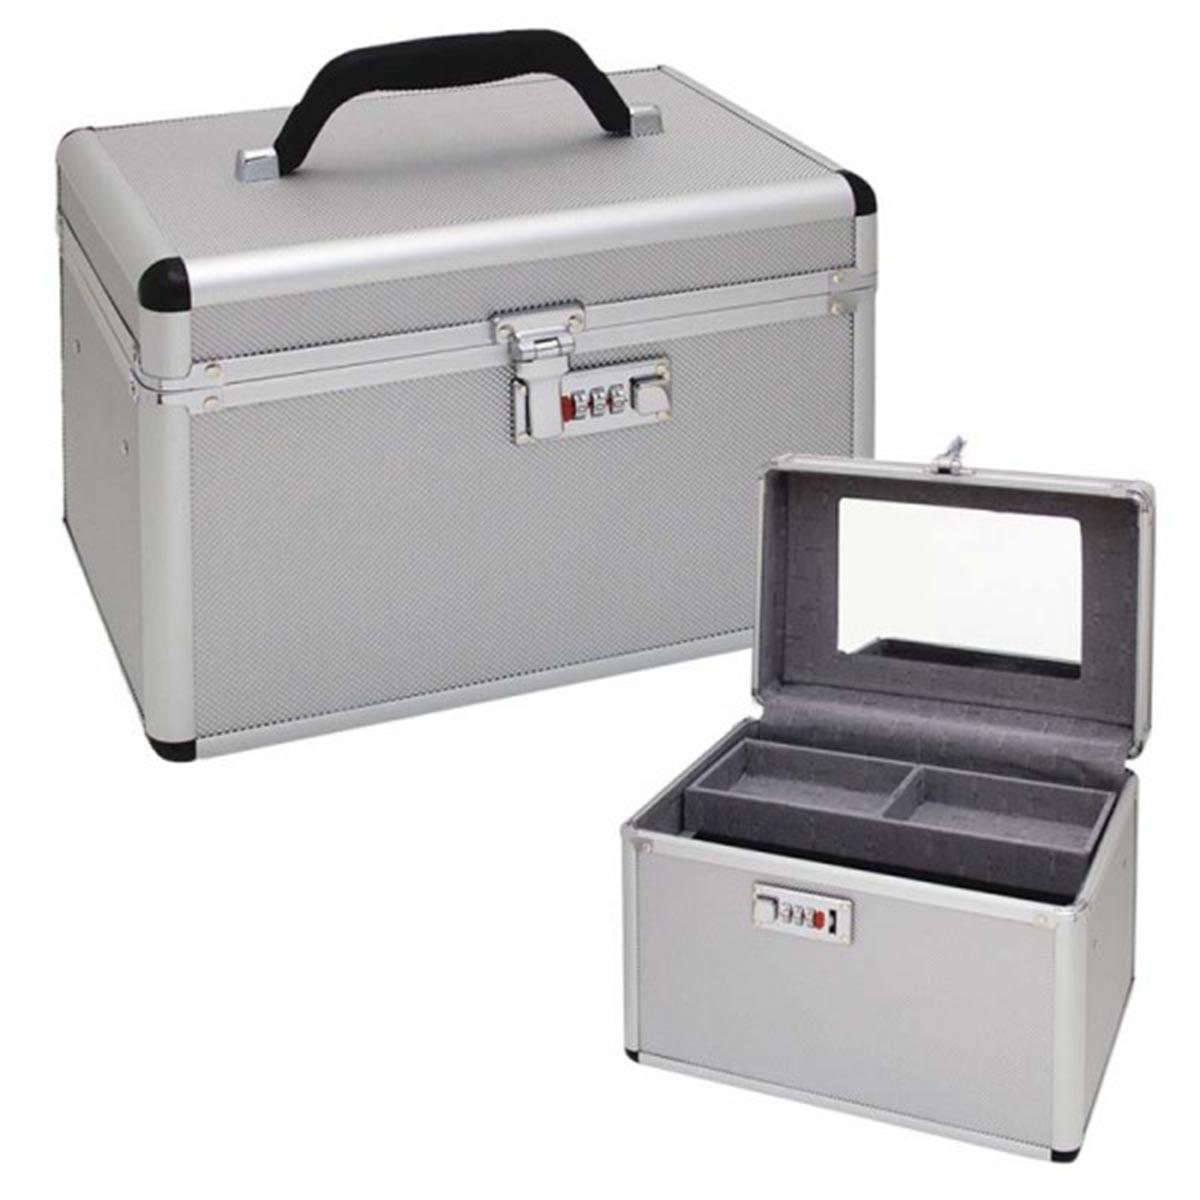 Eurostil maleta aluminio 30 x 20 x 22